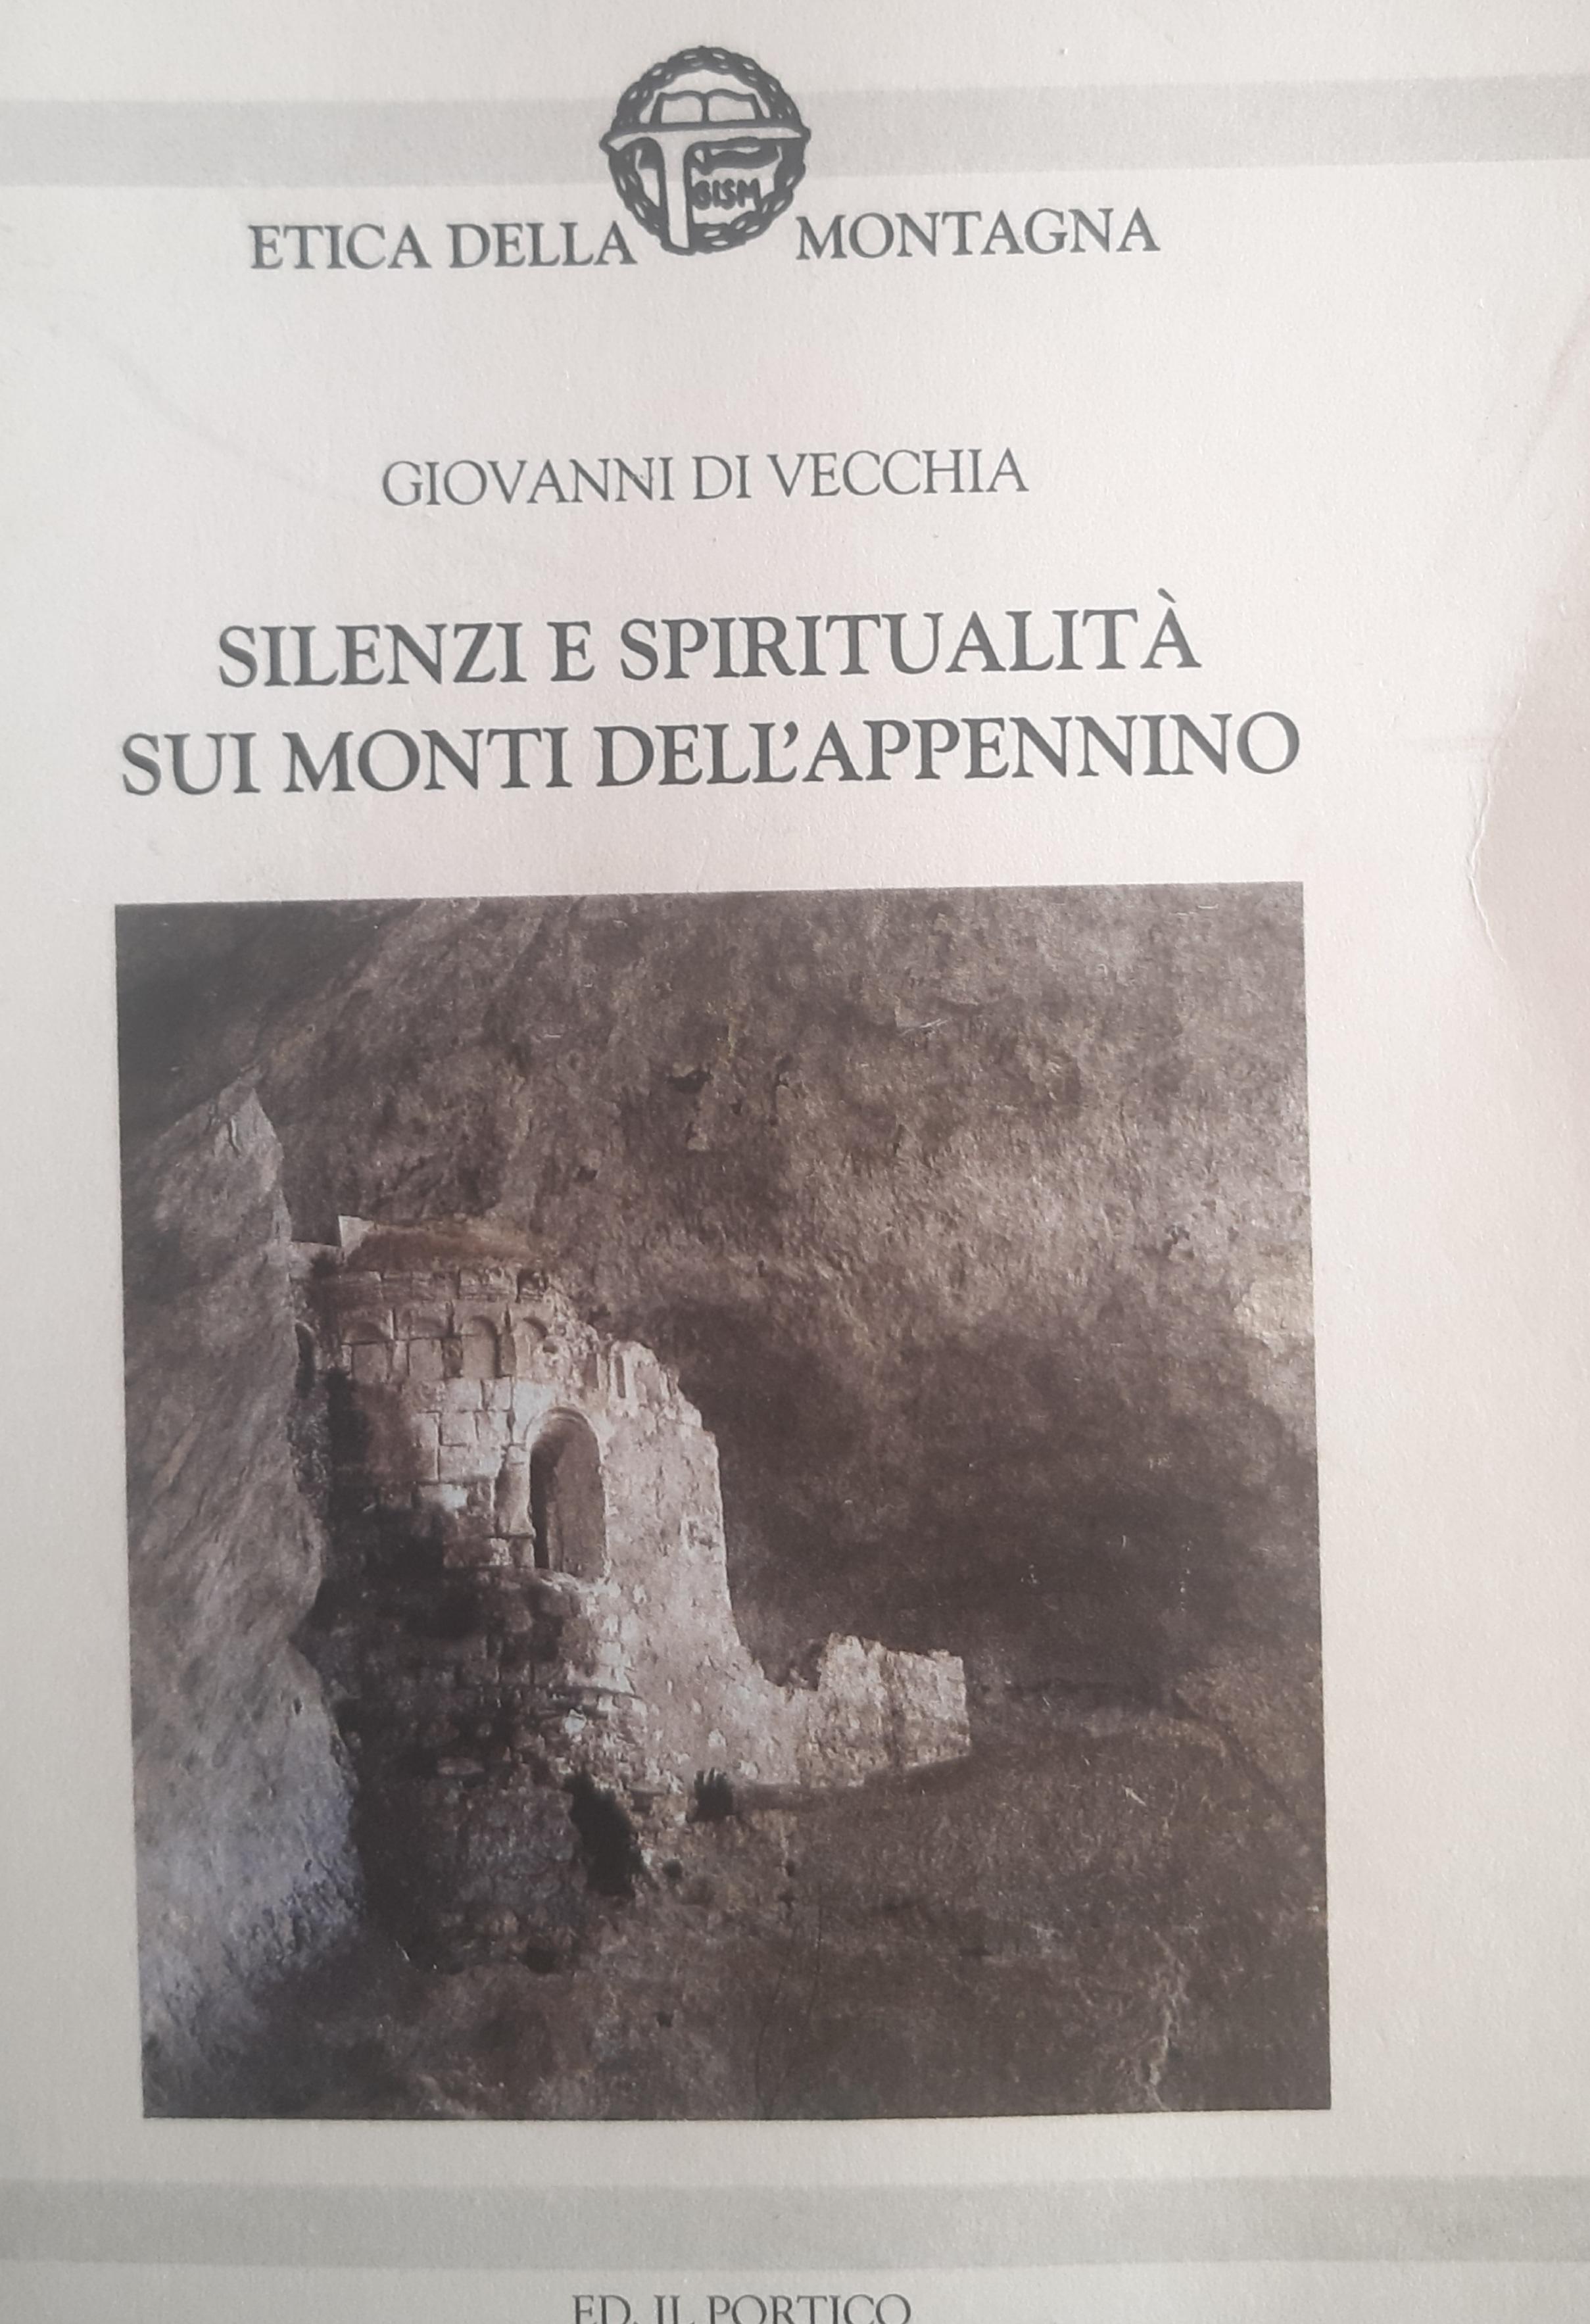 SILENZI E SPIRITUALITA` SUI MONTI DELL`APPENNINO